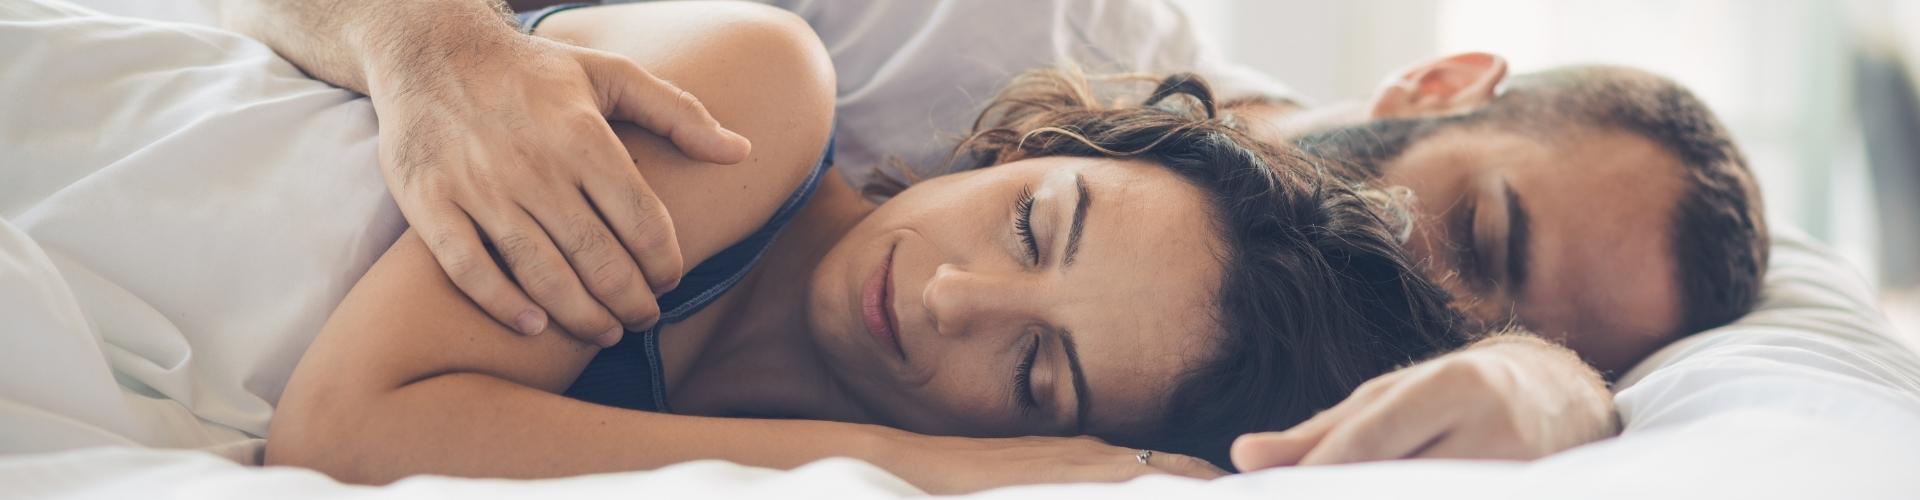 Sleep in the heat blog